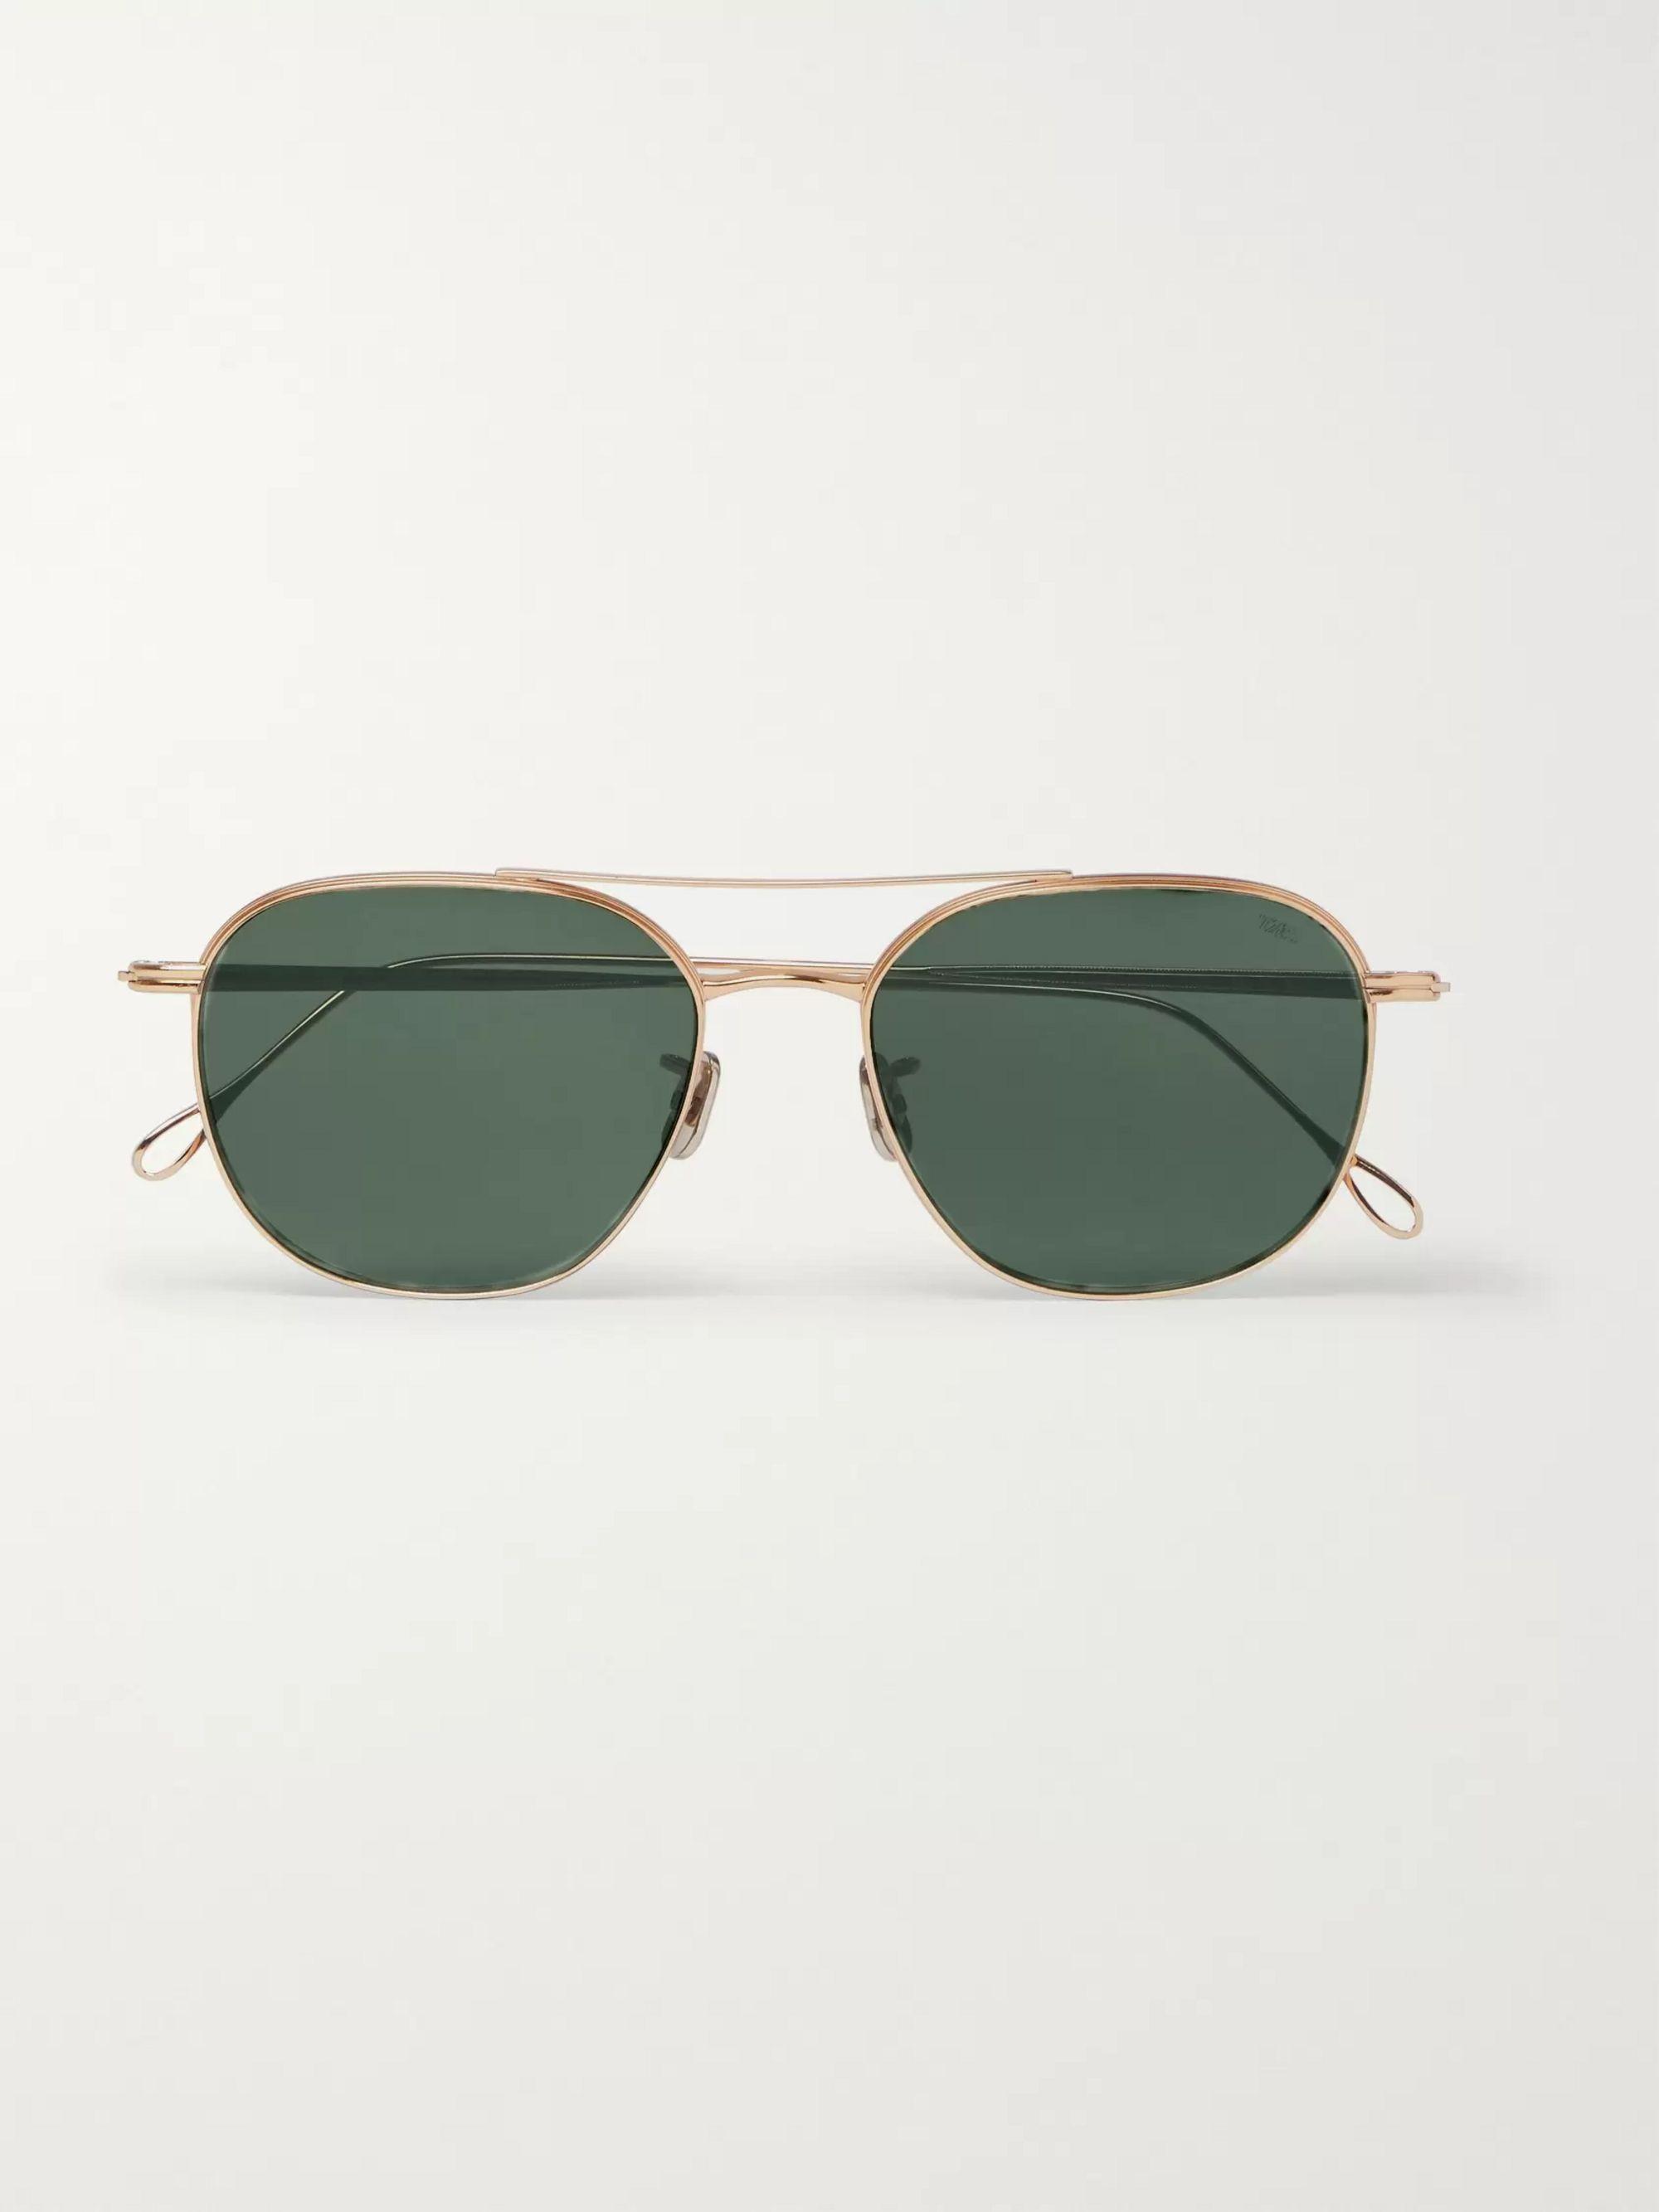 Sommerbrille Sonnenbrille im Gold Look Style neue Kollektion